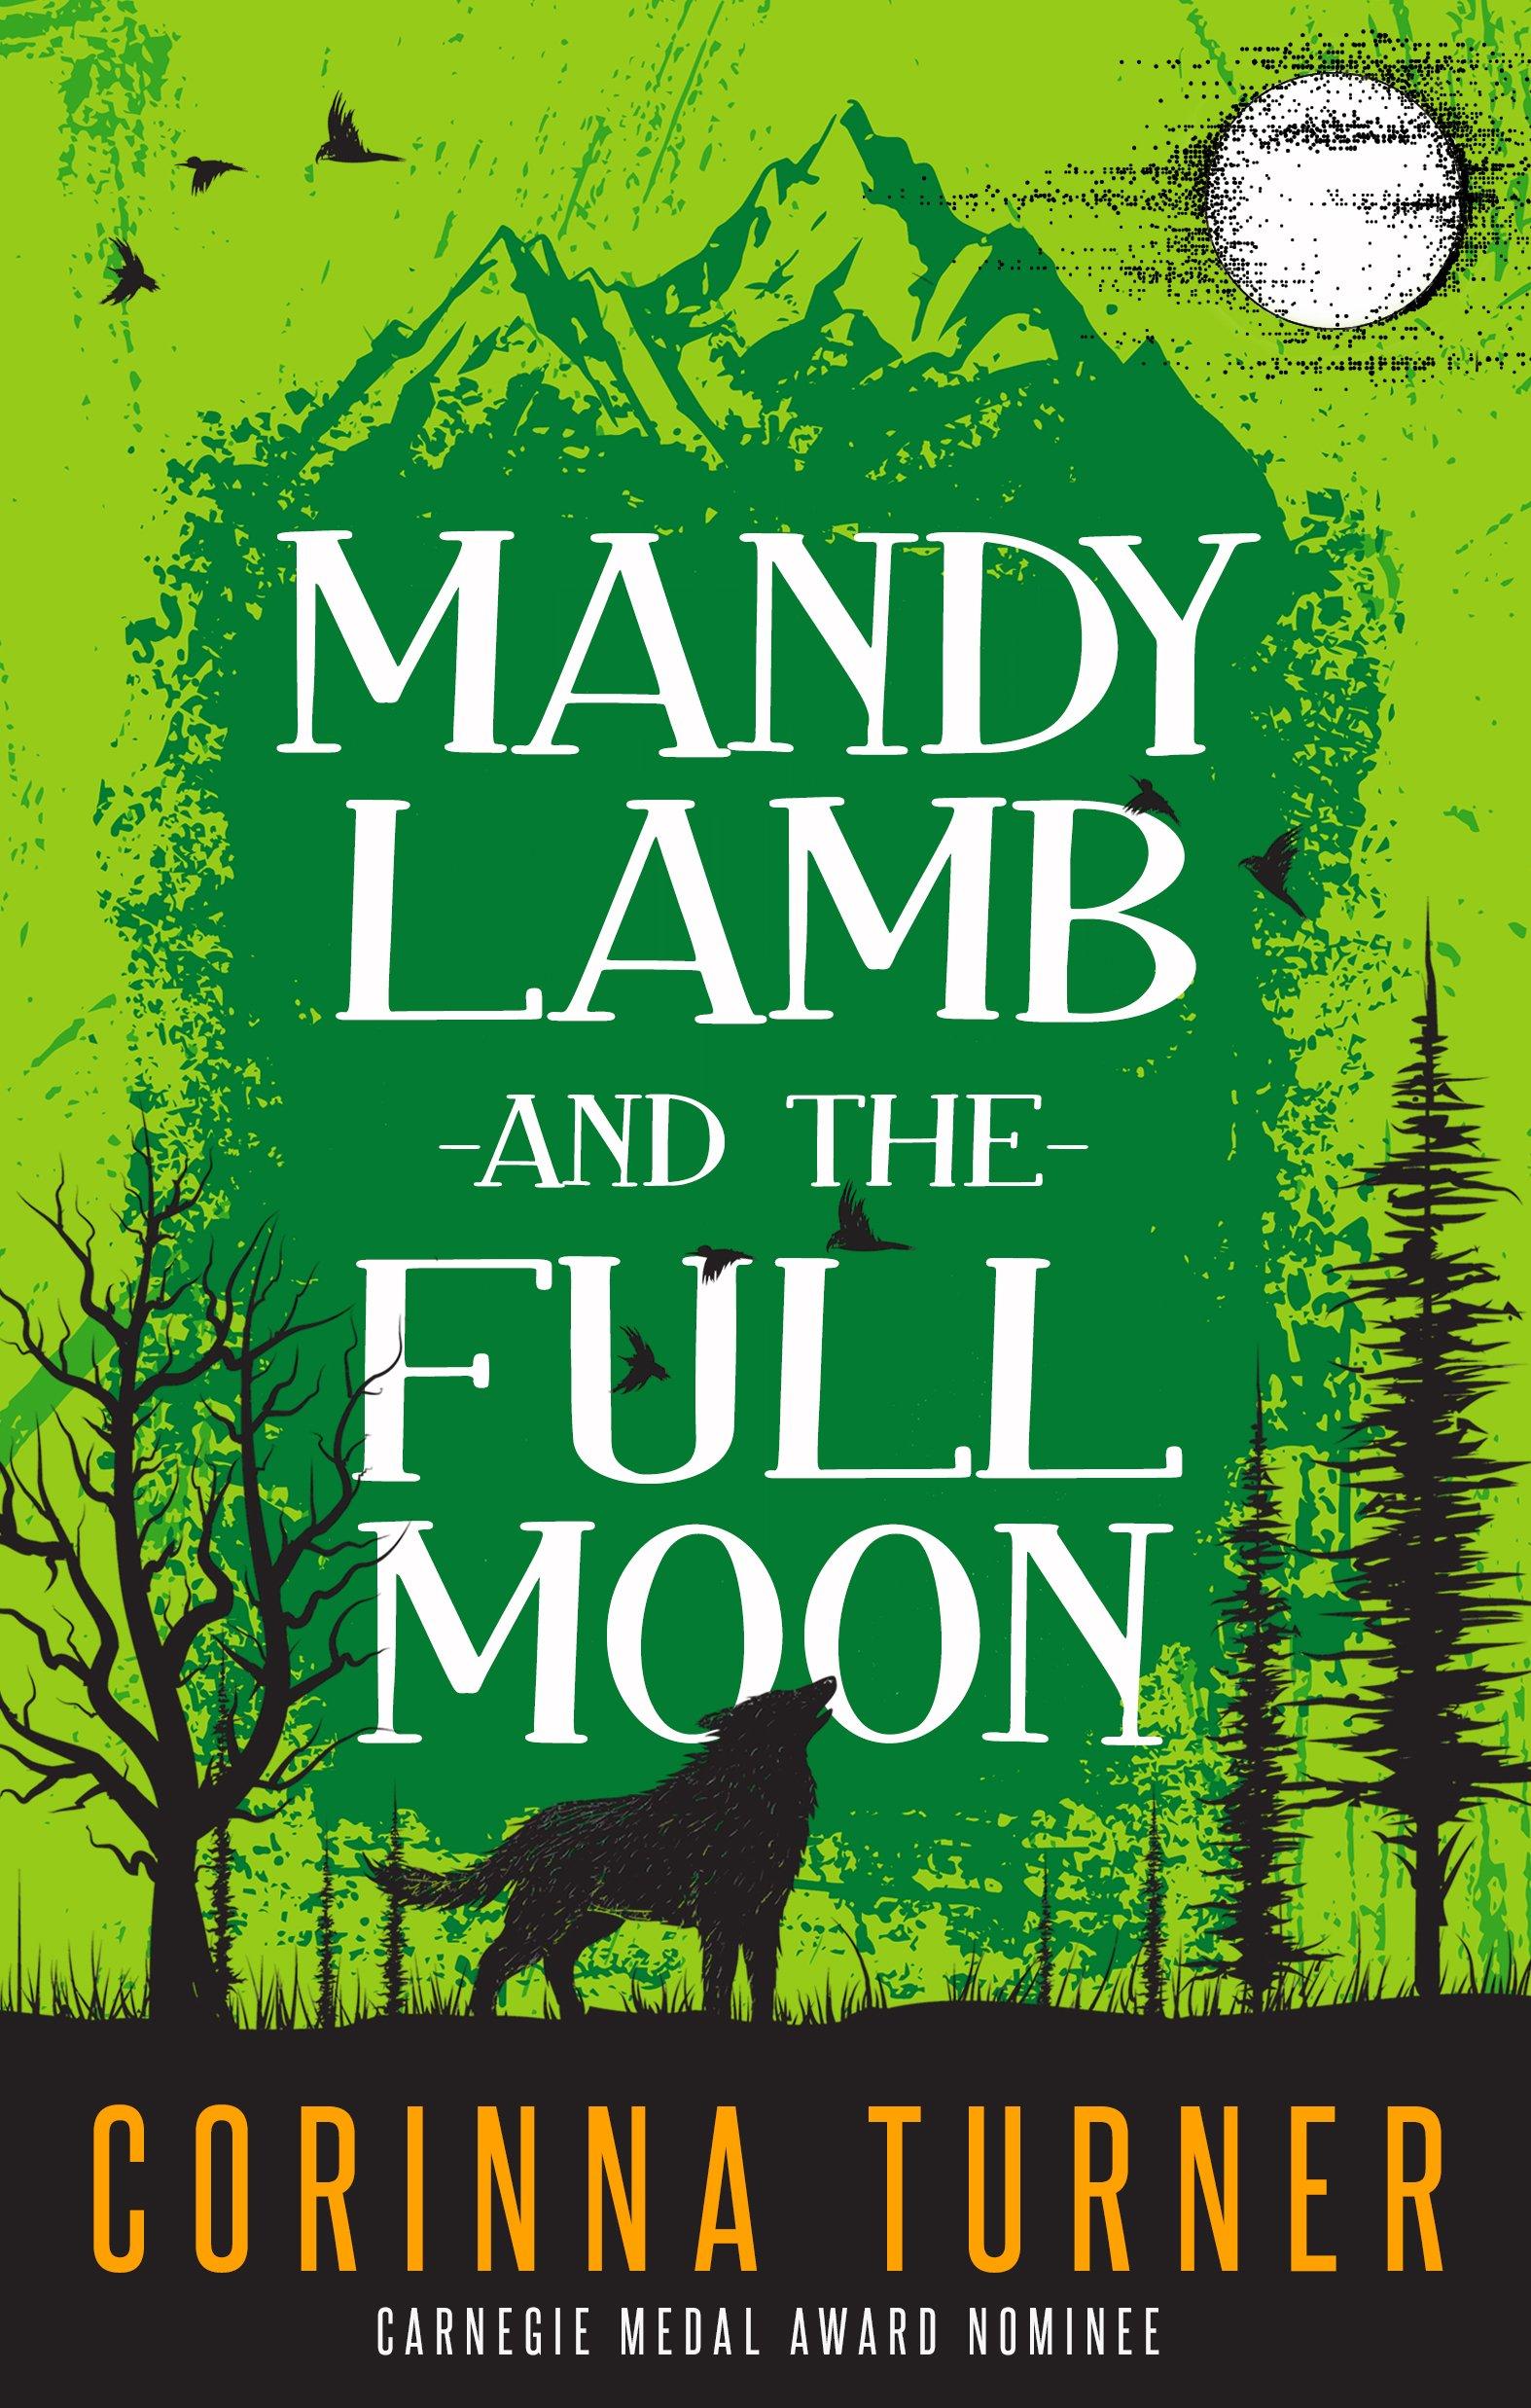 Mandy Lamb NEW w Final Files Ebook High Res 3